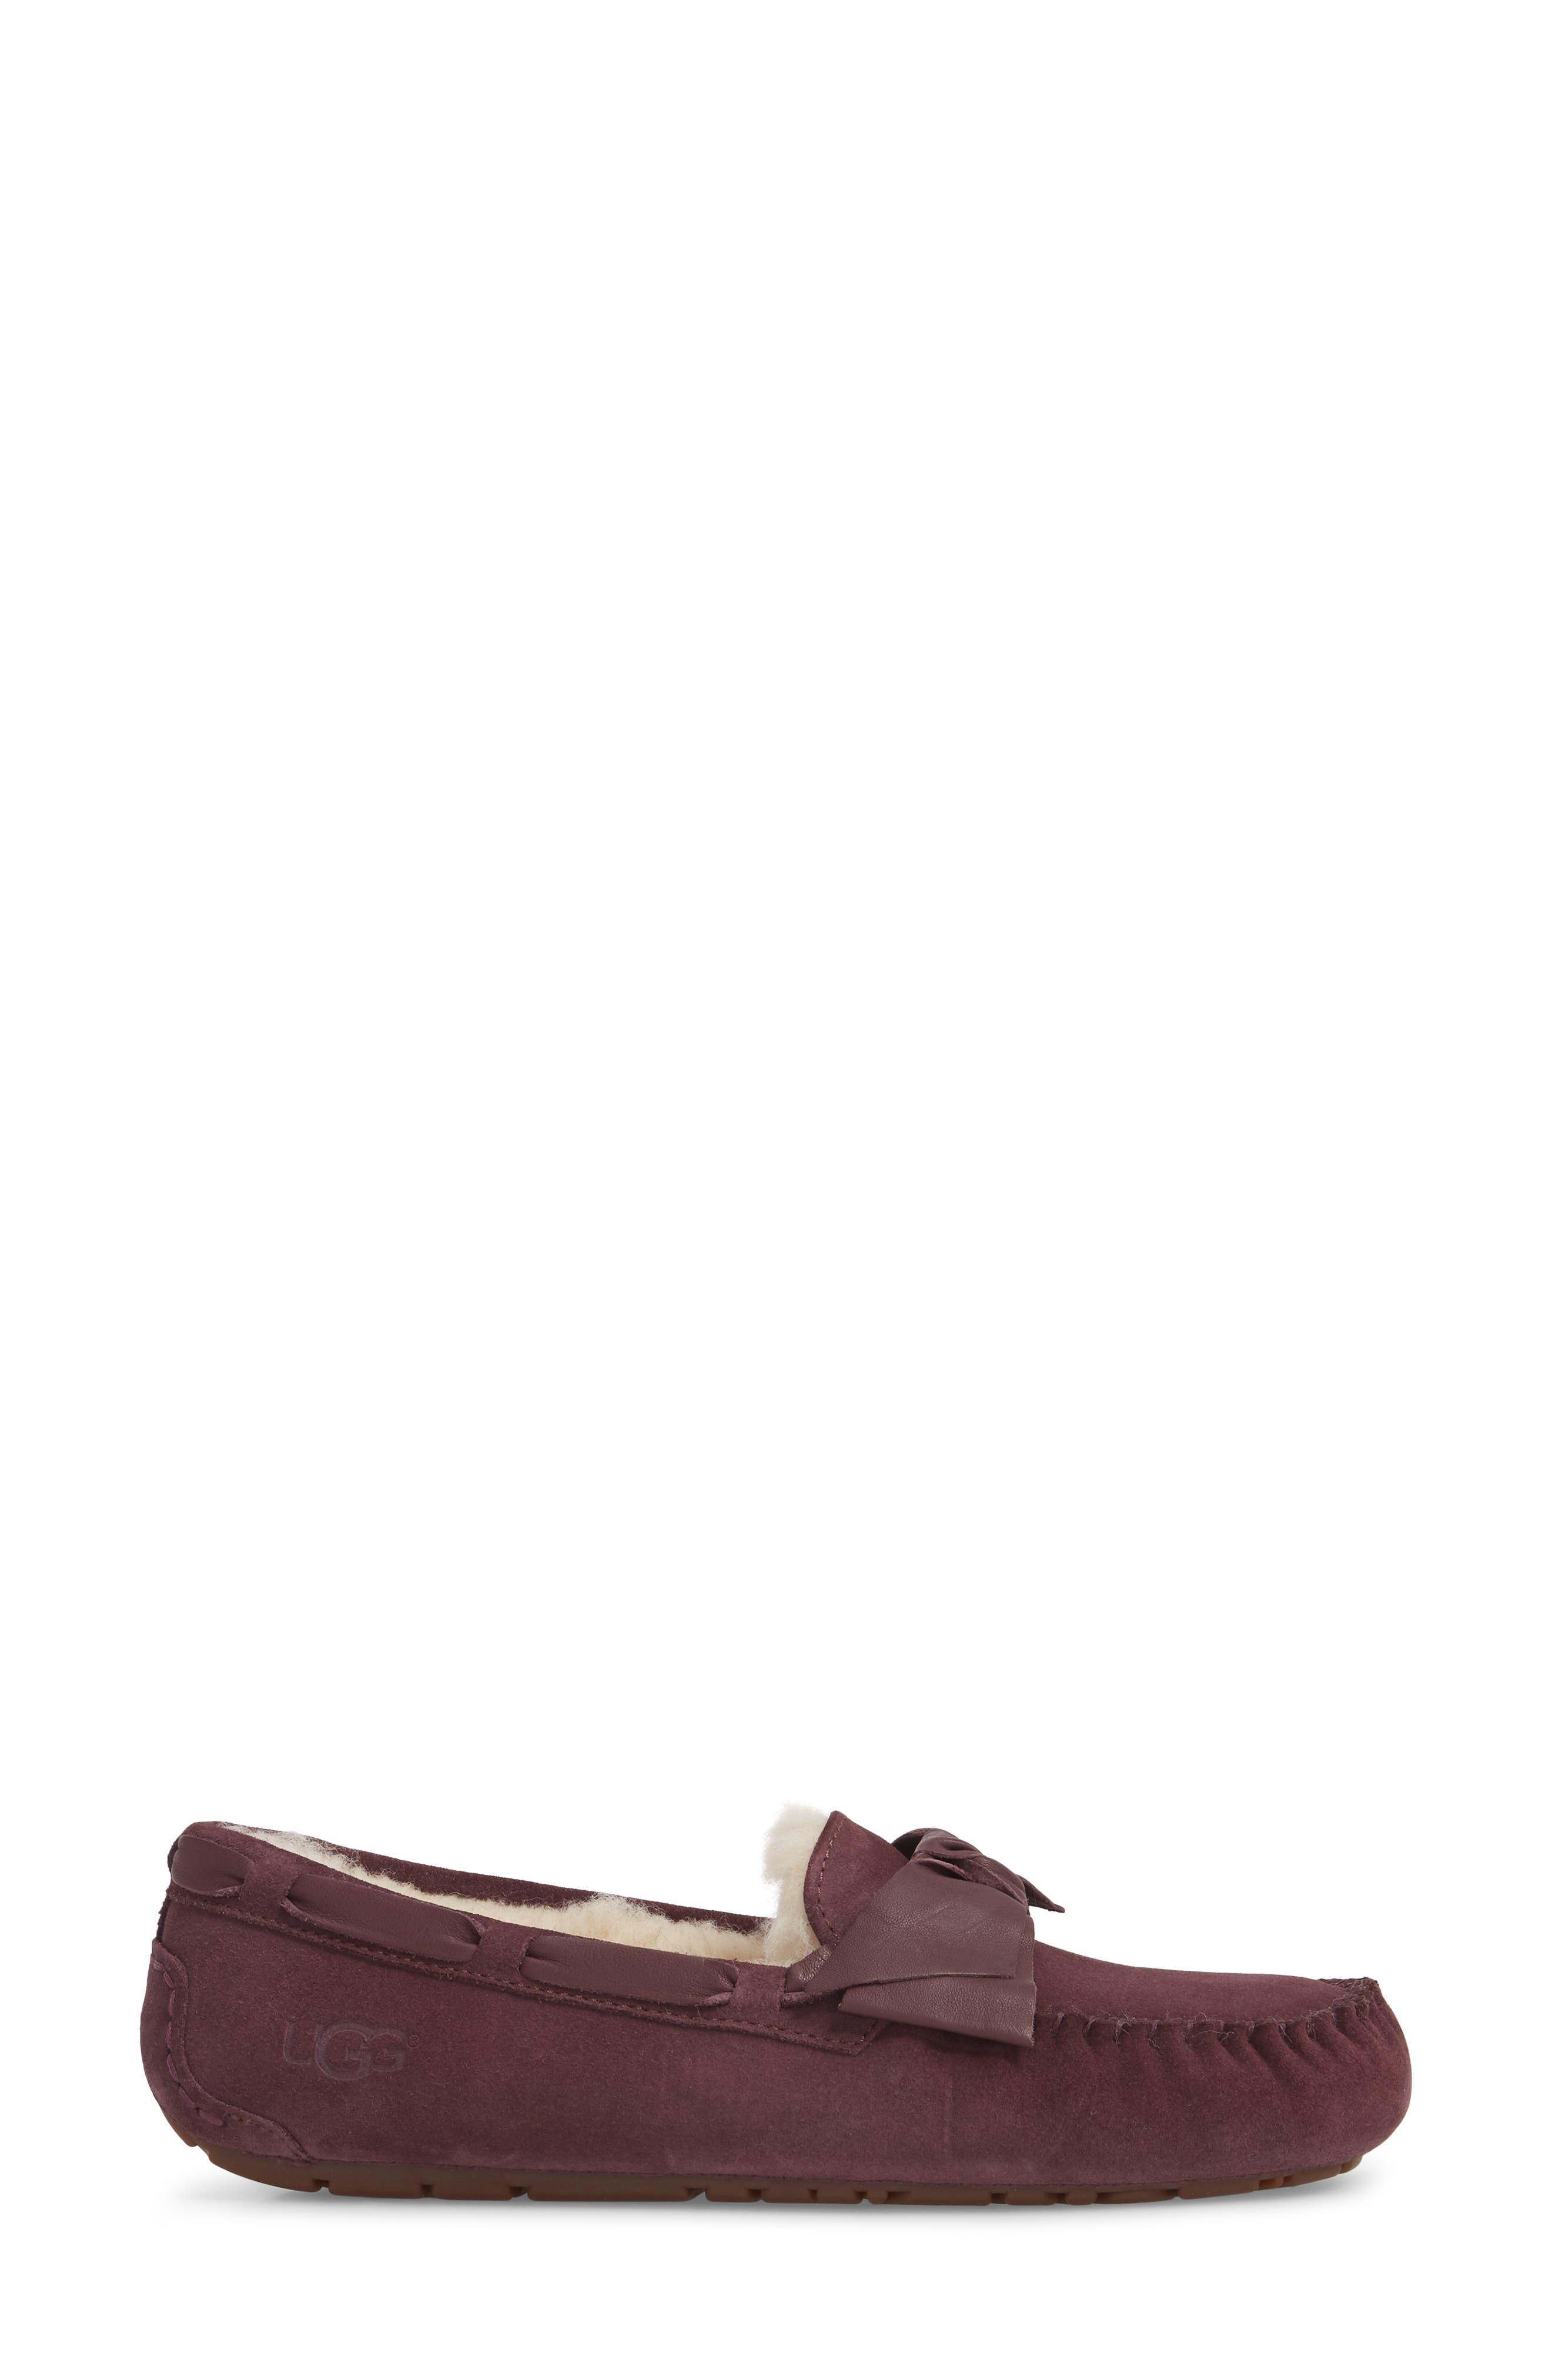 Dakota Bow Slipper,                             Alternate thumbnail 3, color,                             PORT SUEDE